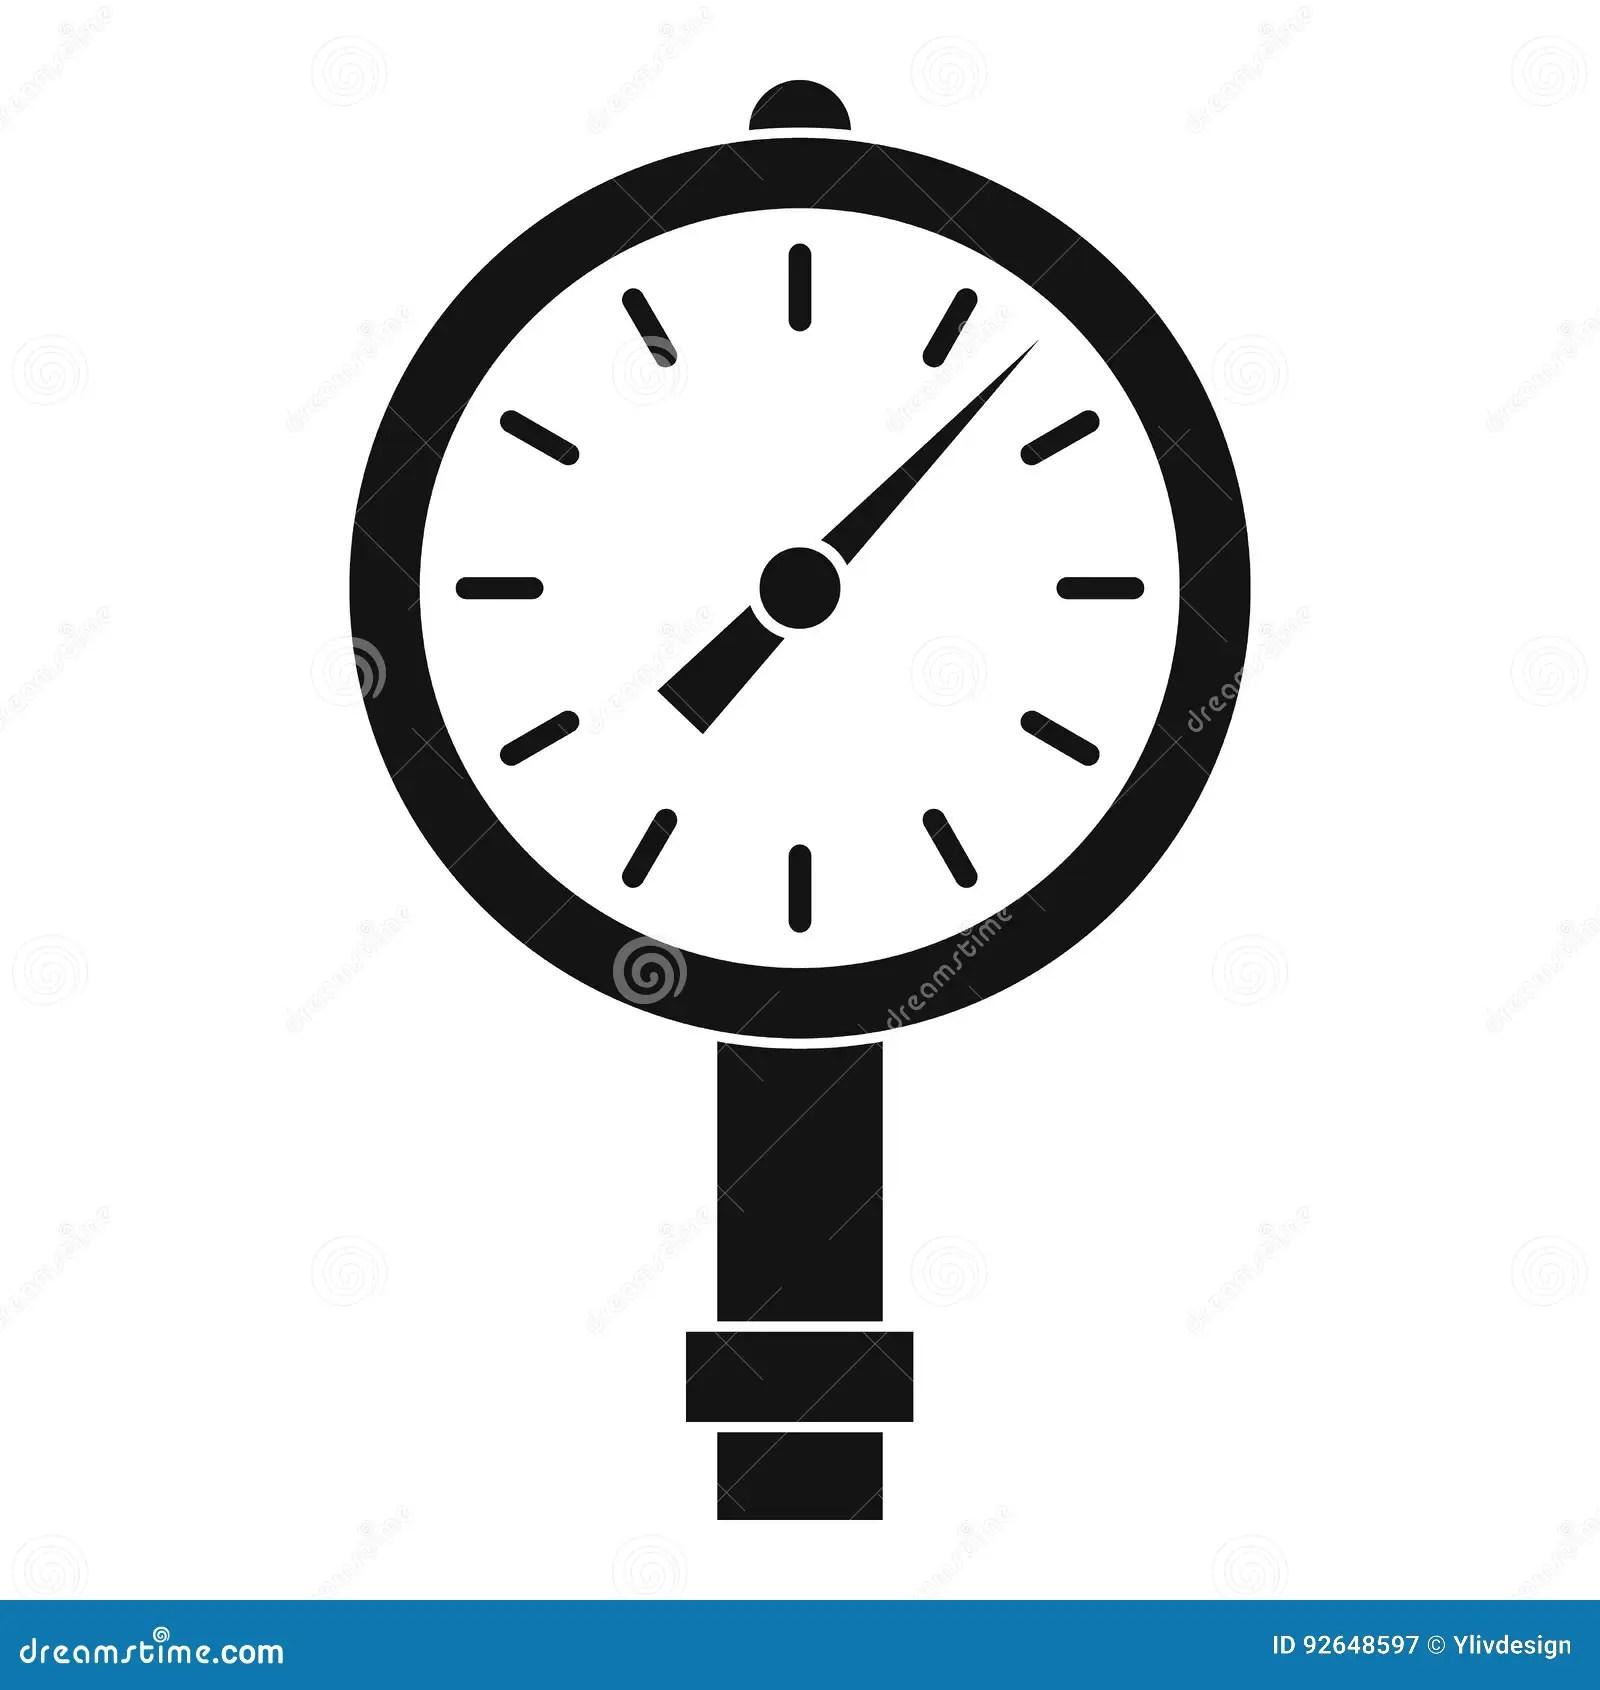 Manometer Schematic Symbol